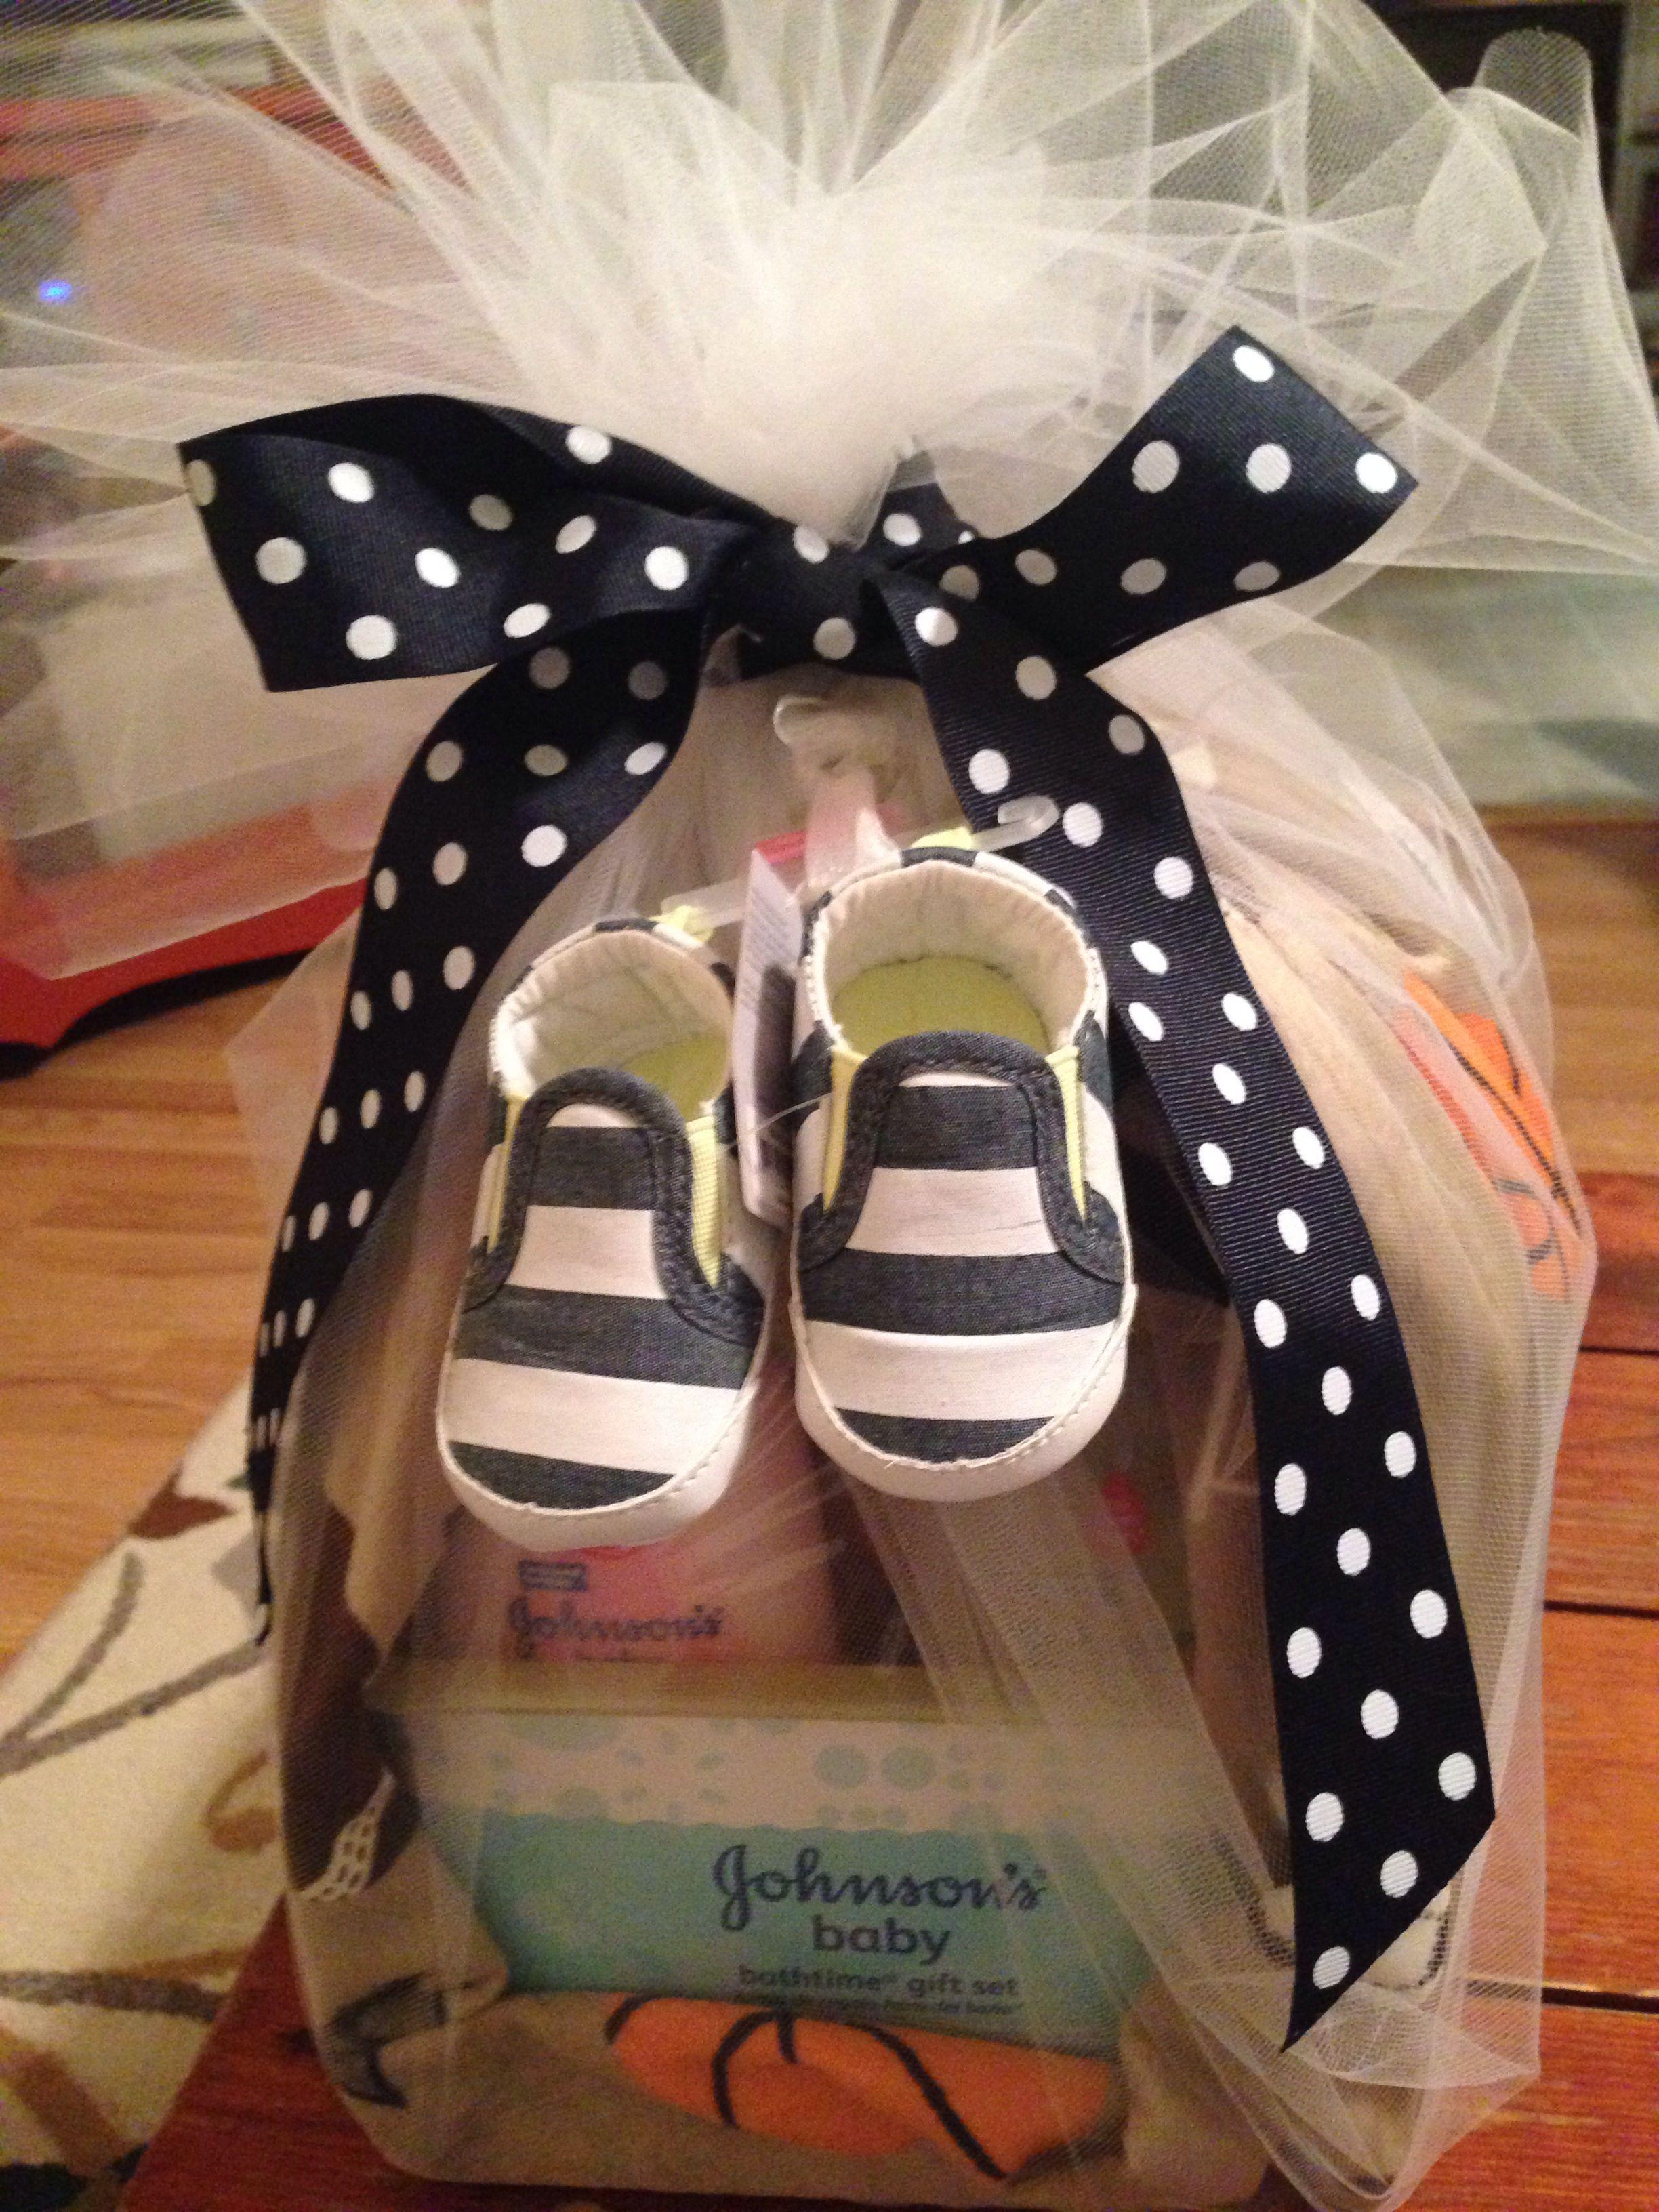 Baby stork gift set boy johnsons bathtime gift set